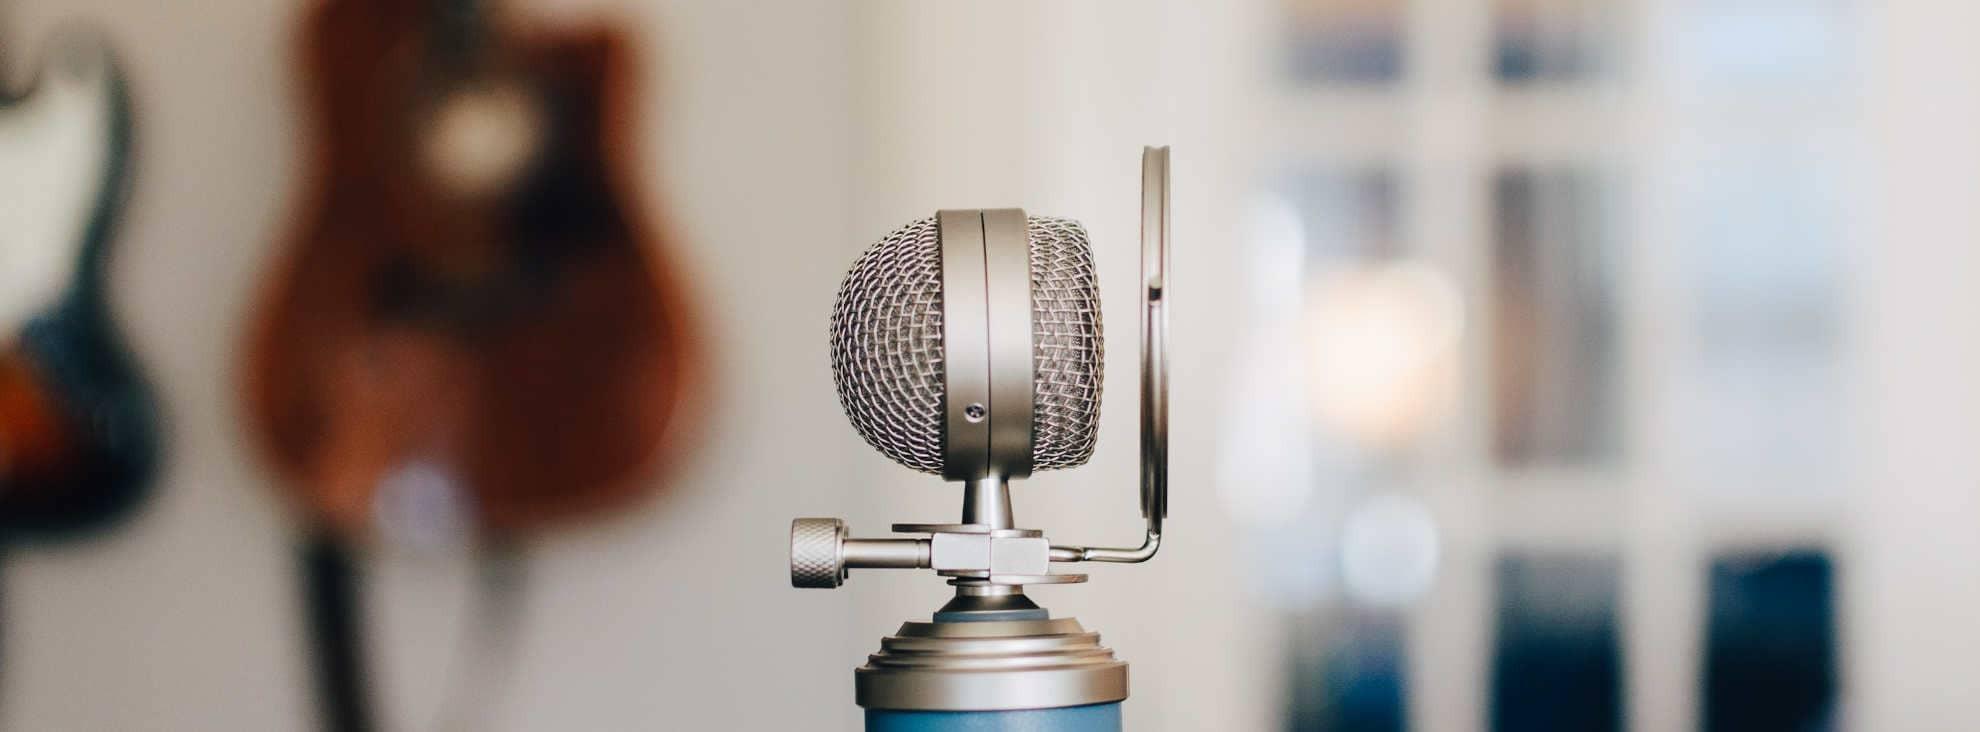 6 gute Gründe, warum sich eine Gesangsausbildung lohnt